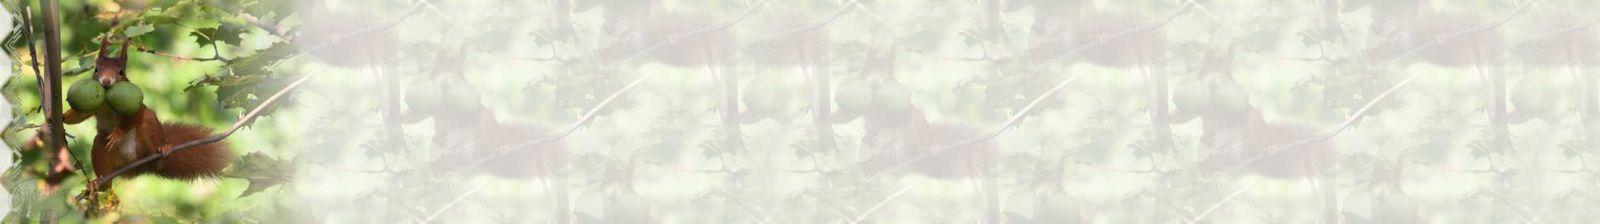 Ecureuil avec noix Incredimail &amp&#x3B; Papier A4 h l &amp&#x3B; outlook &amp&#x3B; enveloppe &amp&#x3B; 2 cartes A5 &amp&#x3B; signets 3 langues    an_ecureuil_micheline_ecureuils_20110225_00